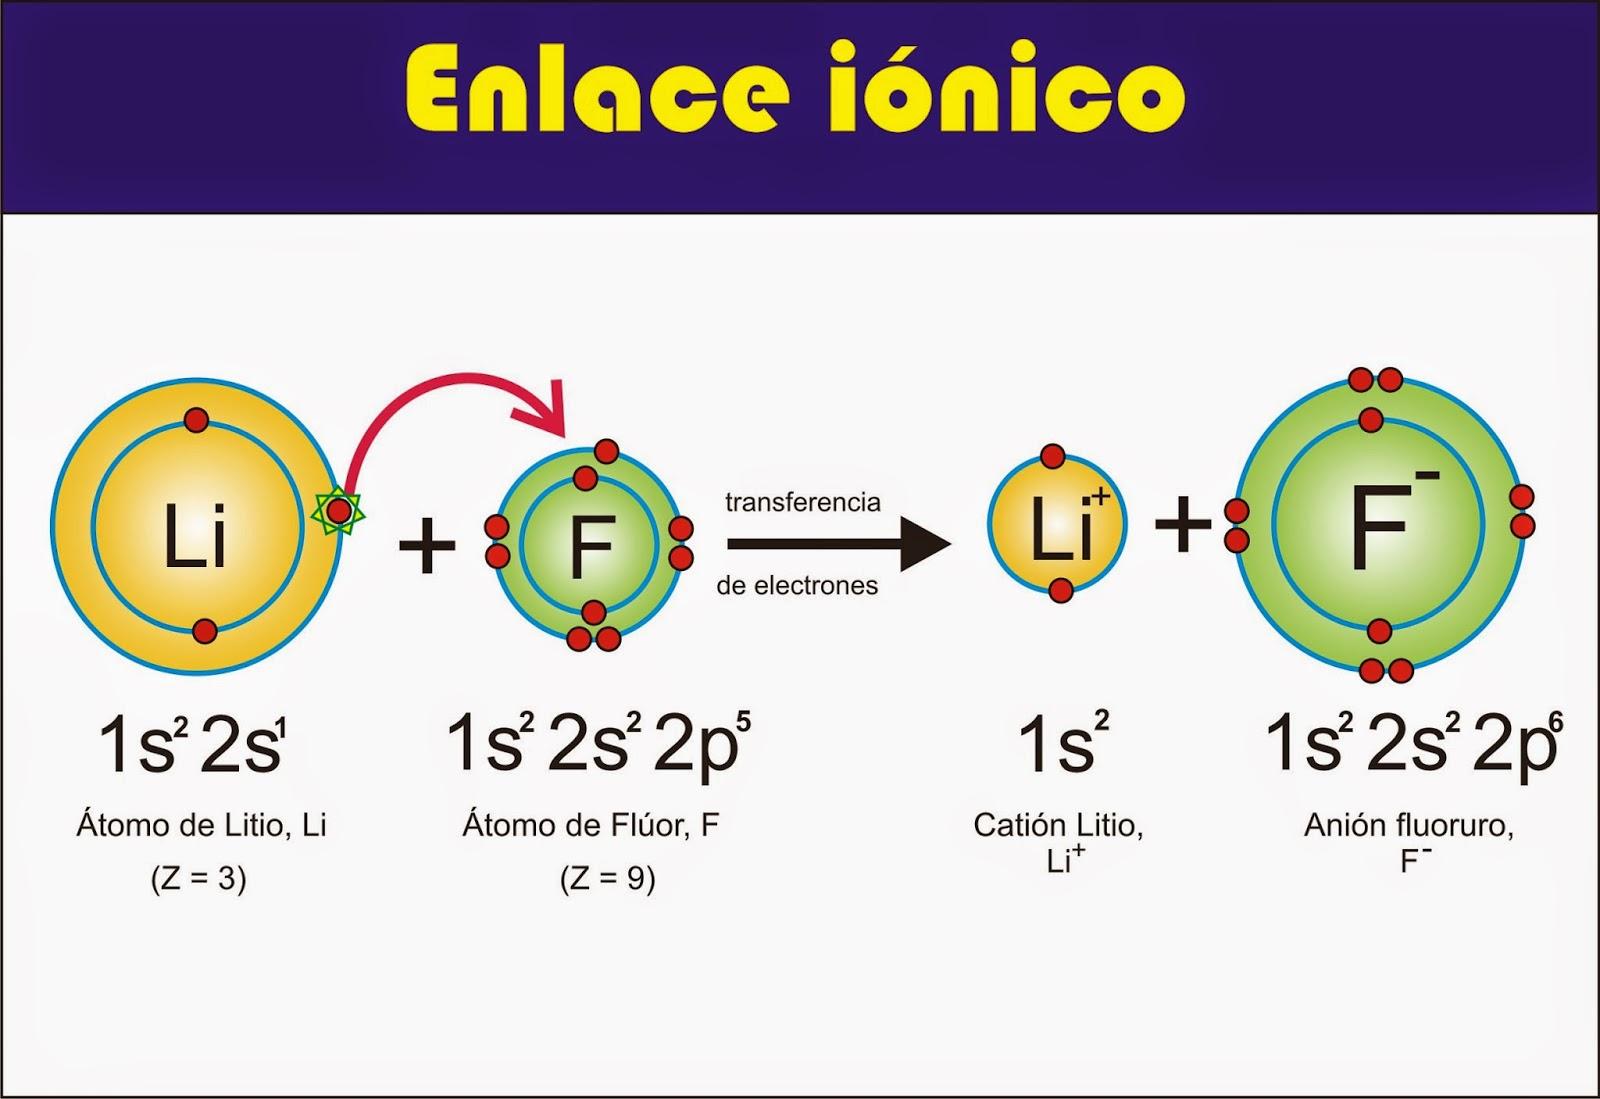 VALENTINA ACOSTA SEGURA: Enlace Iónico